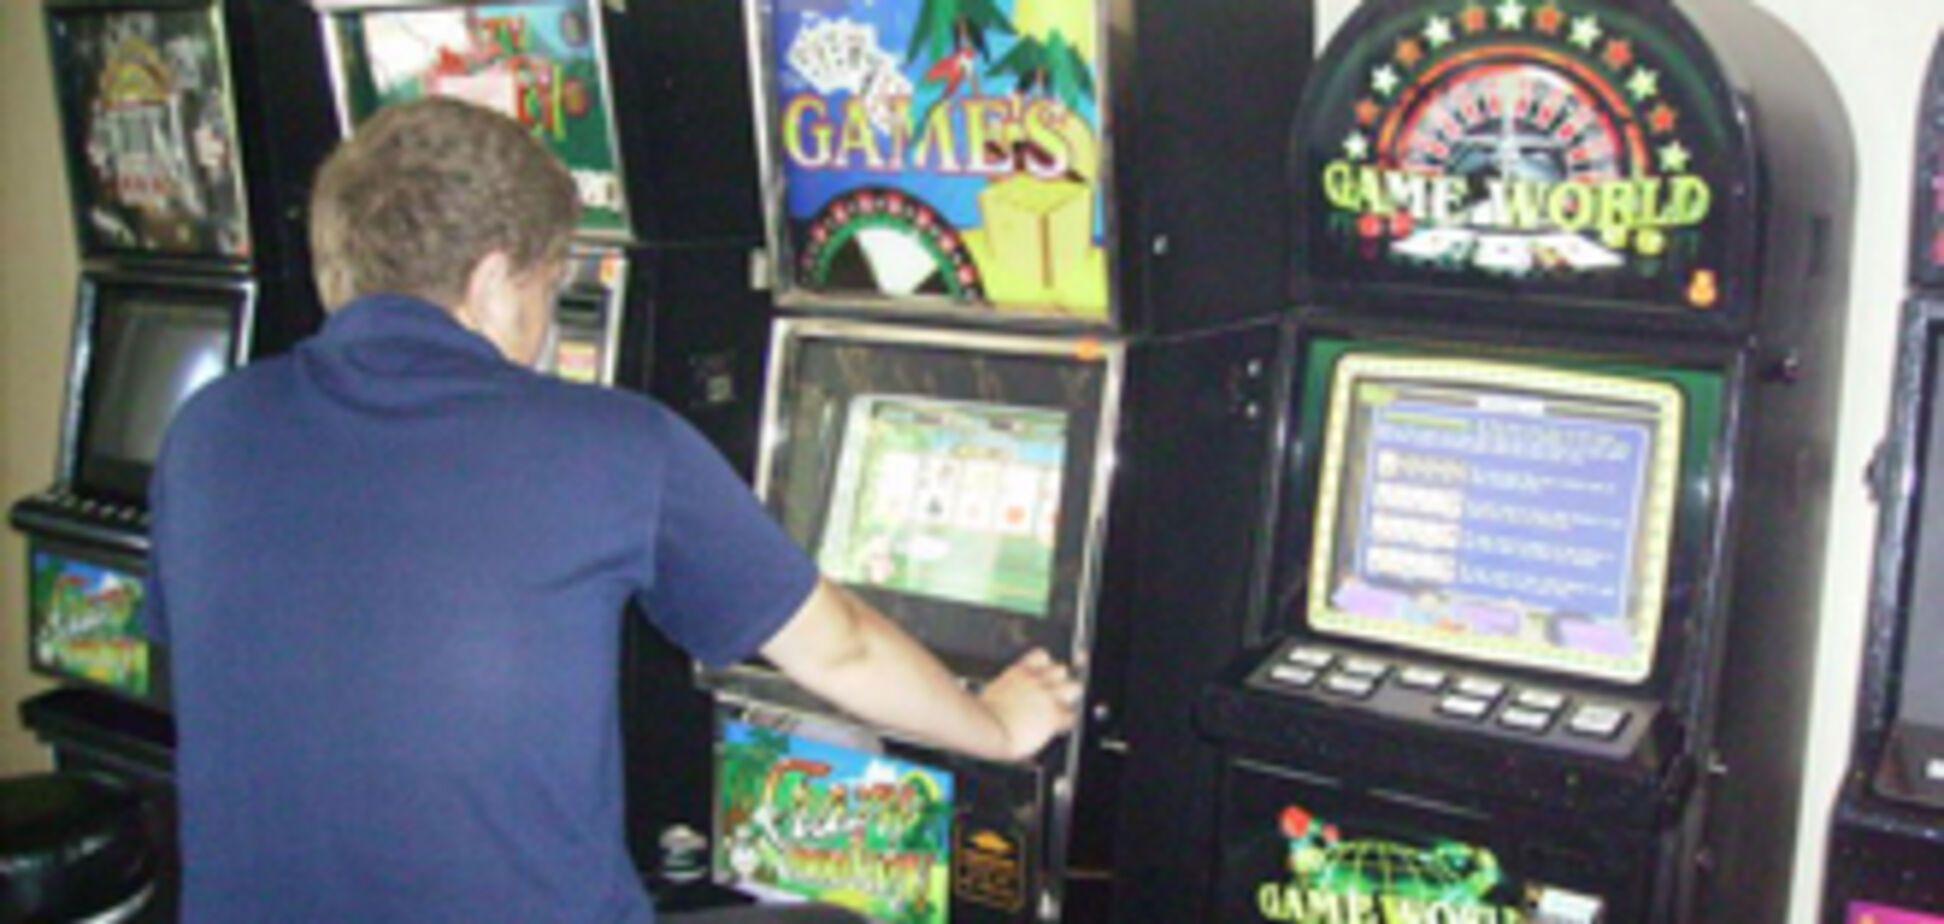 Зал игровых автоматов маскировался под салон красоты